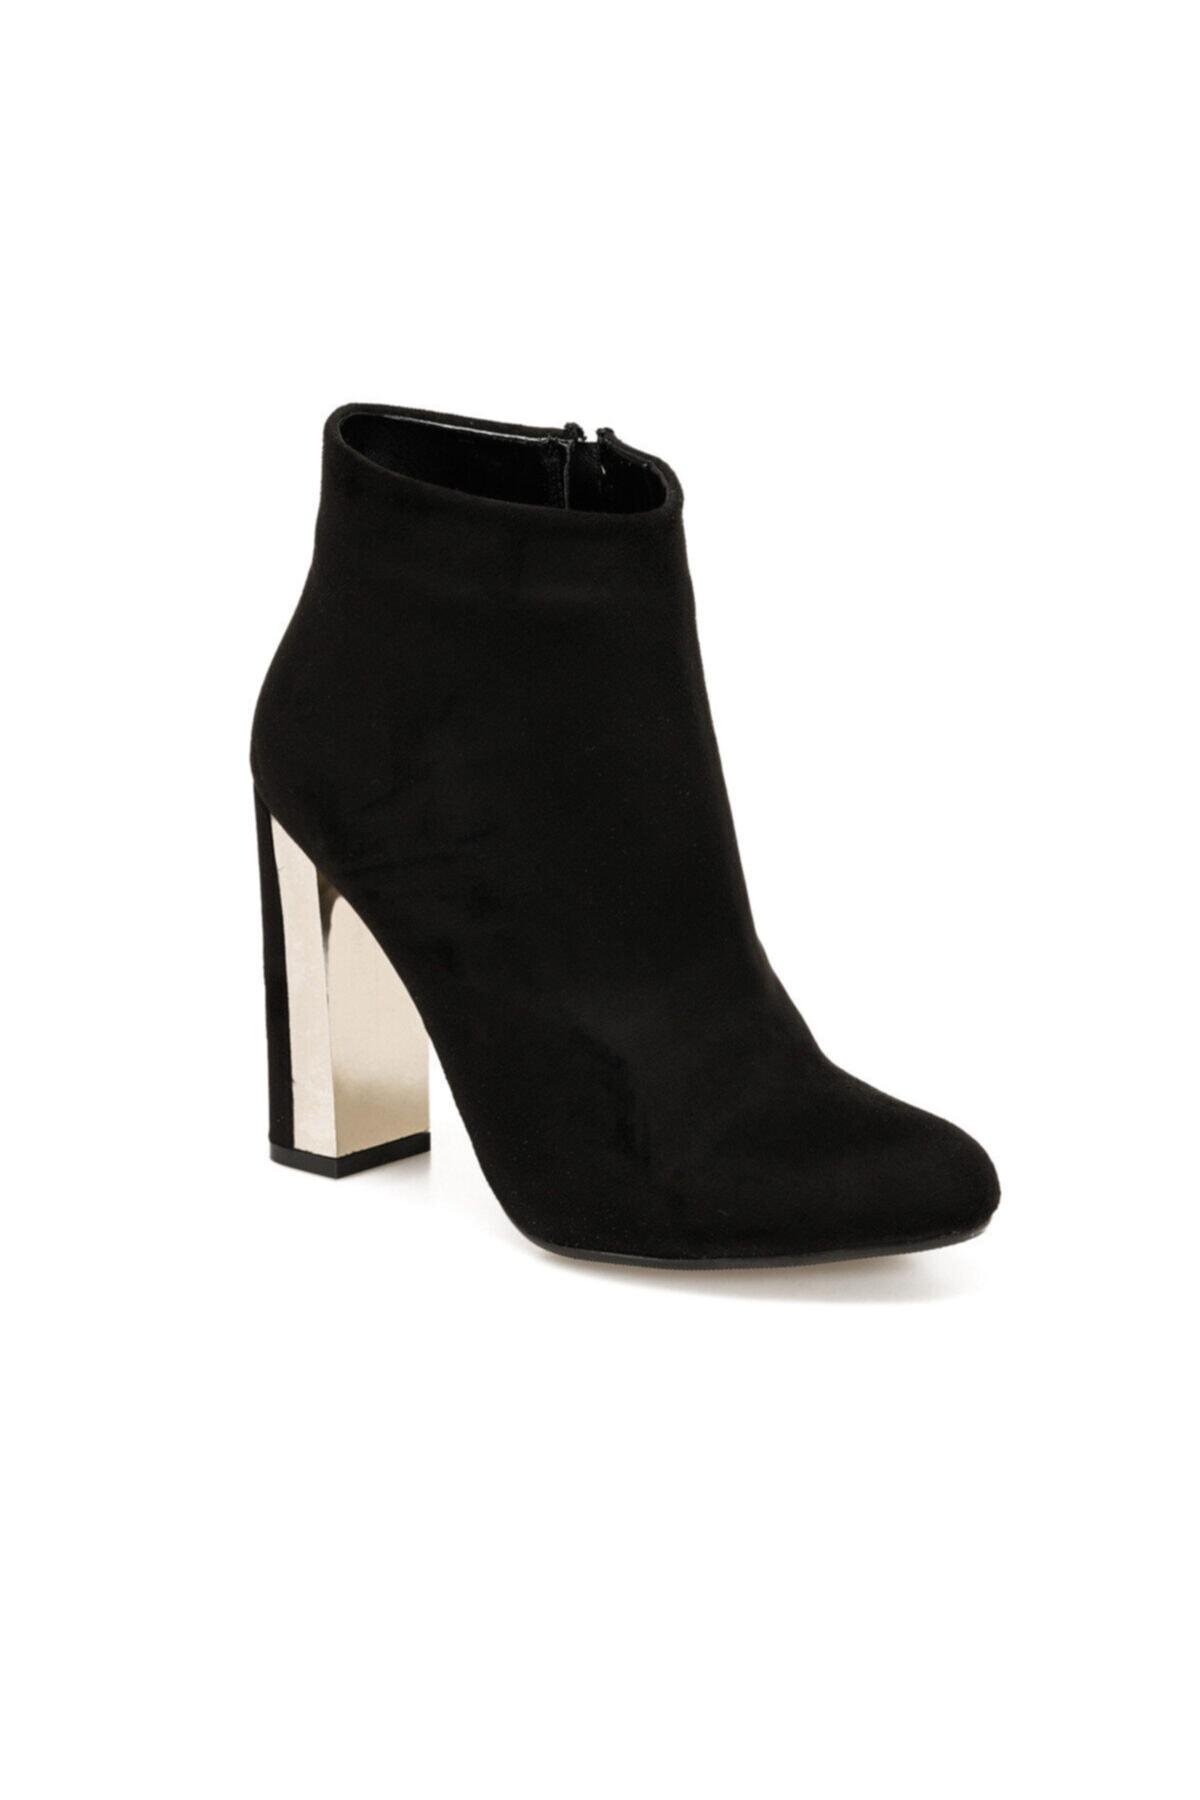 Butigo BURGOS Siyah Kadın Topuklu Bot 100523290 1